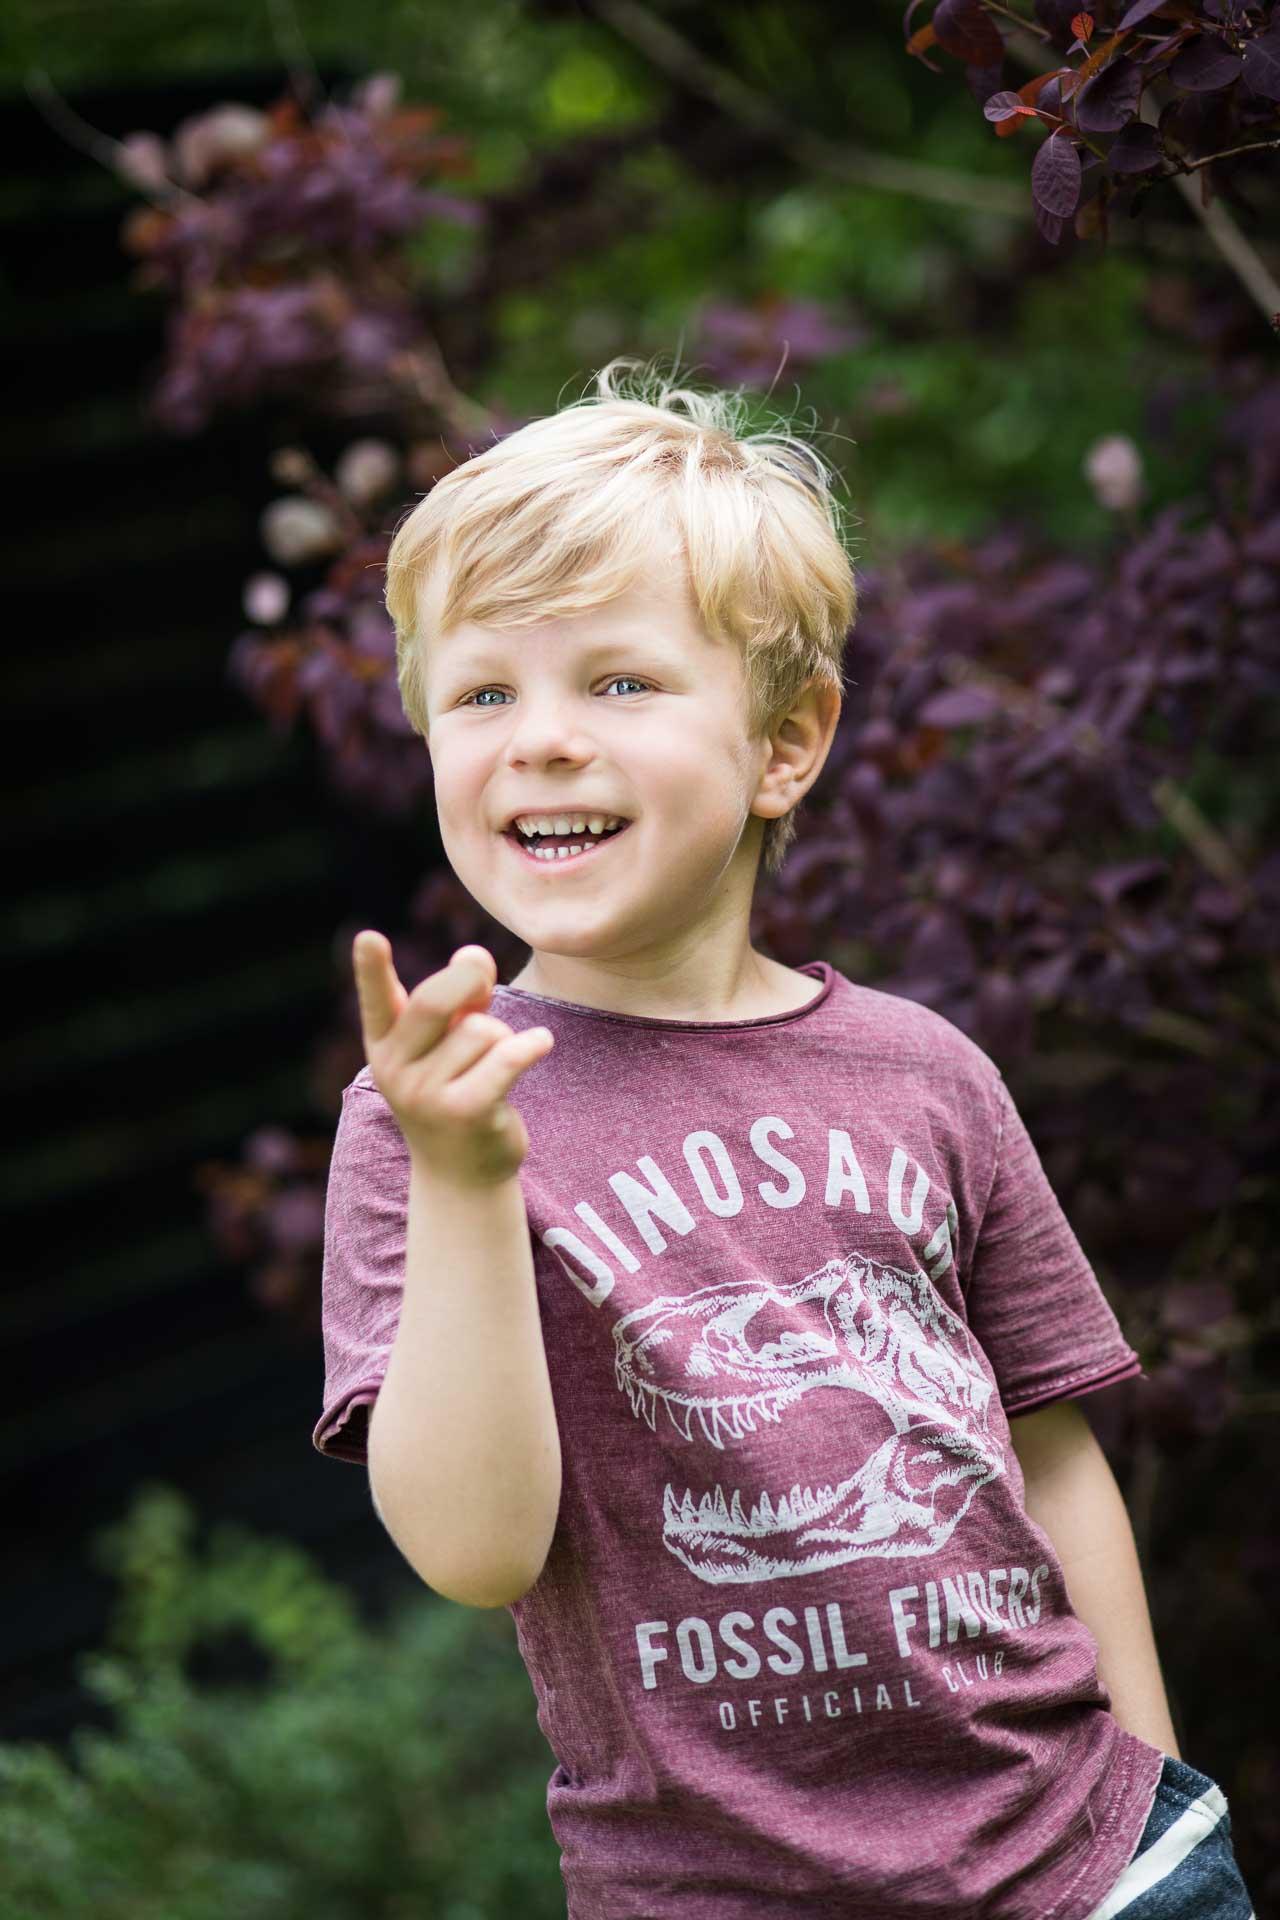 Børnefotograf - Få flotte billeder, der skaber smil og glæde